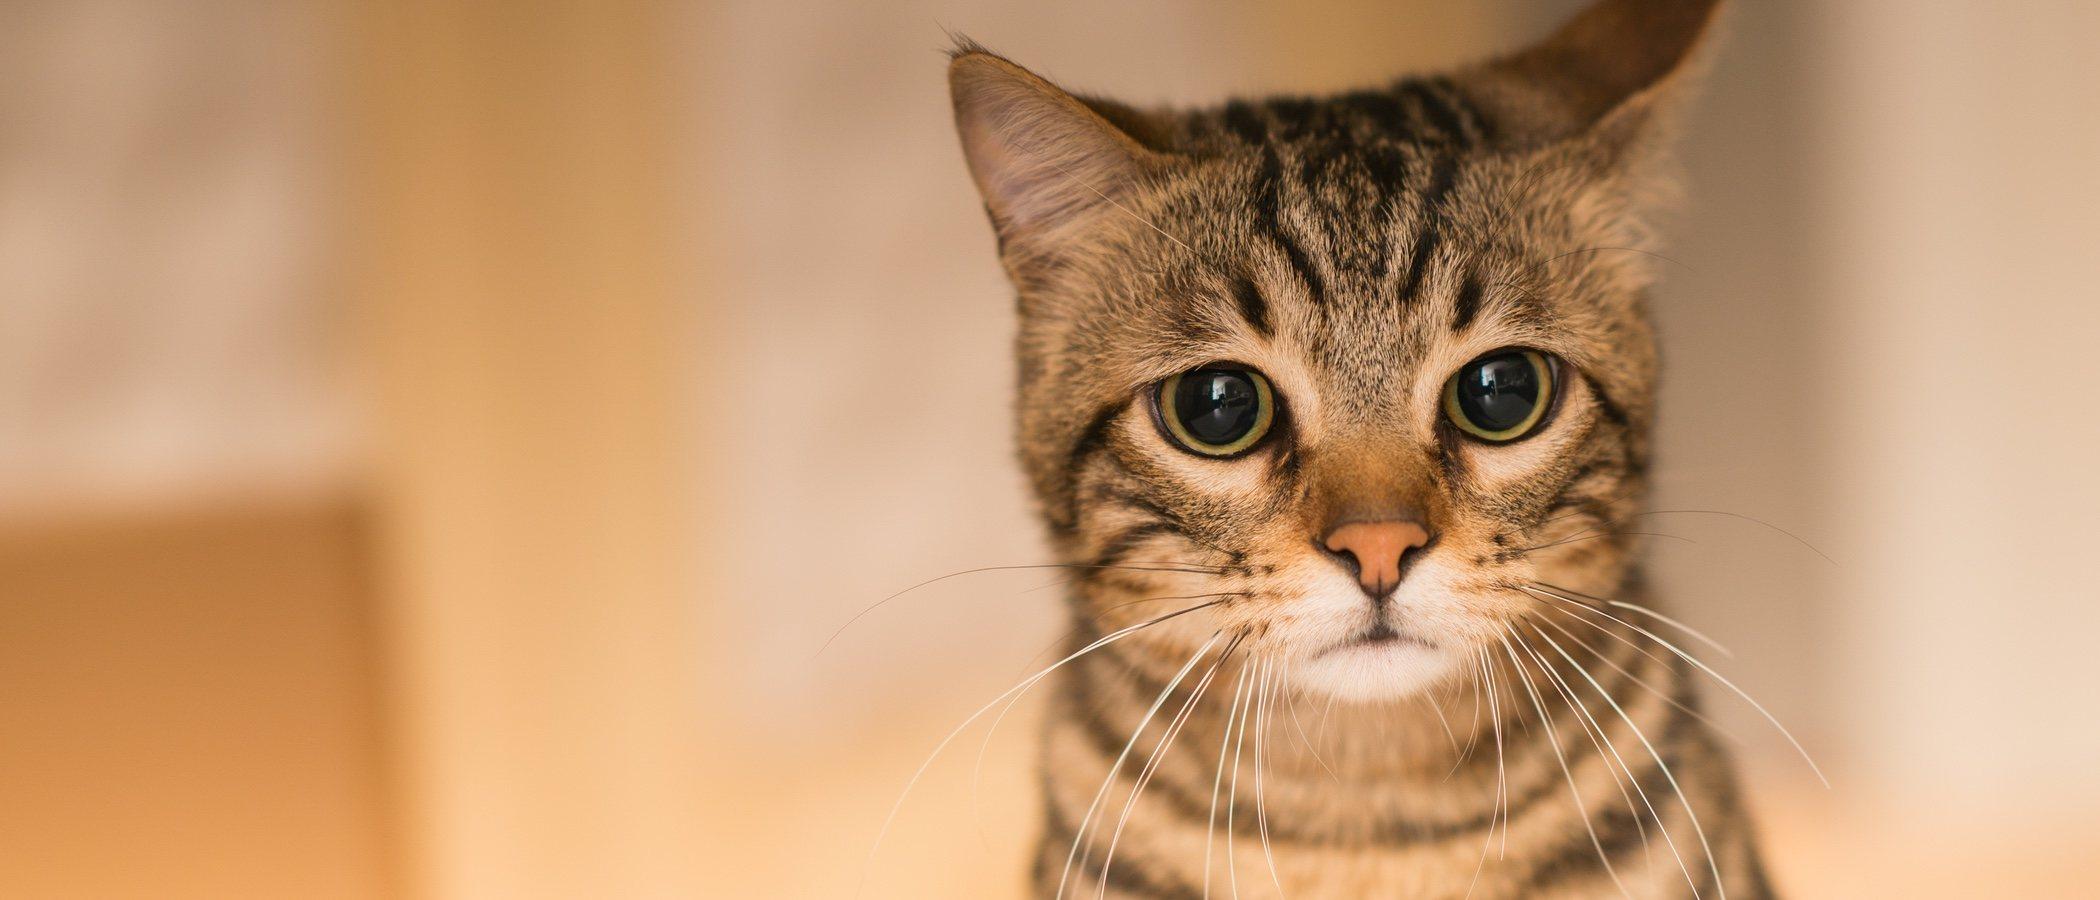 Bolas de pelo en gatos: ponle solución